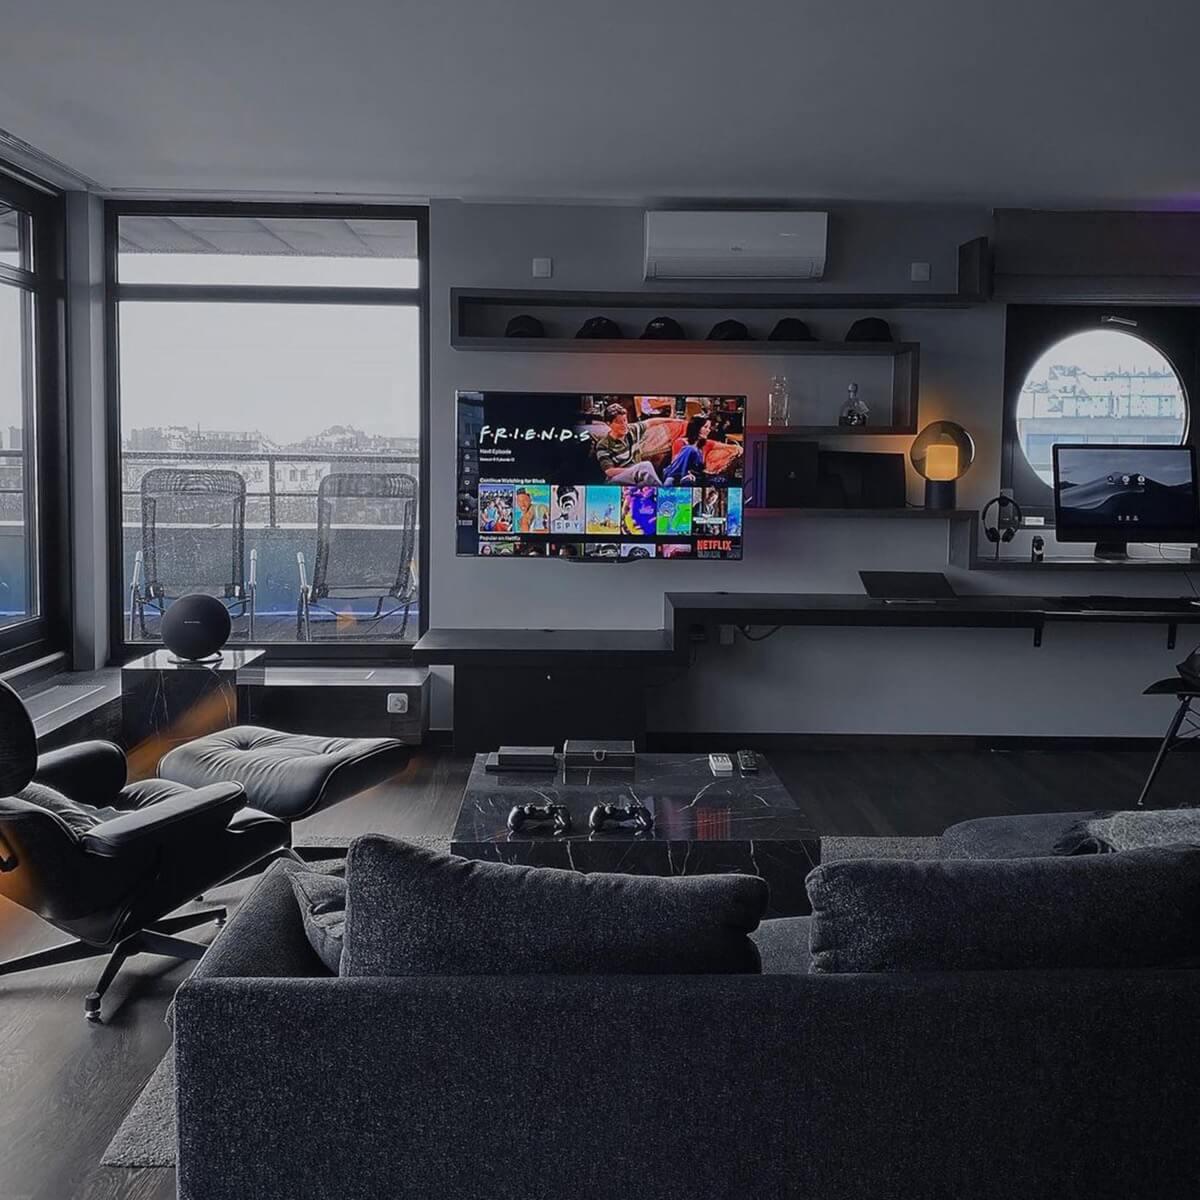 Hybrid Gaming Entertainment Center & Desk Setup